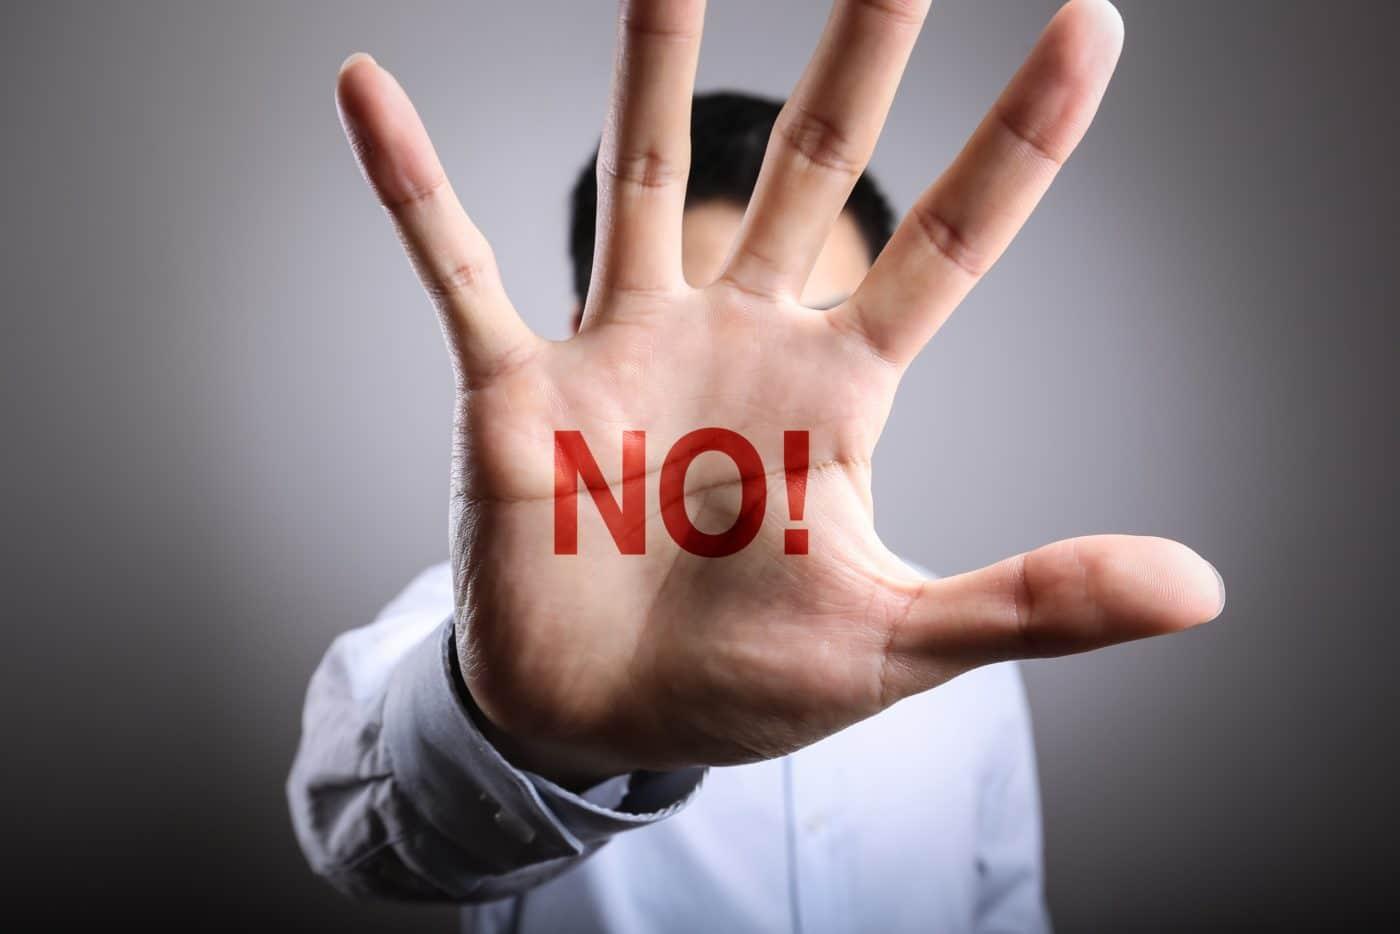 Porque temos dificuldade em dizer NÃO?